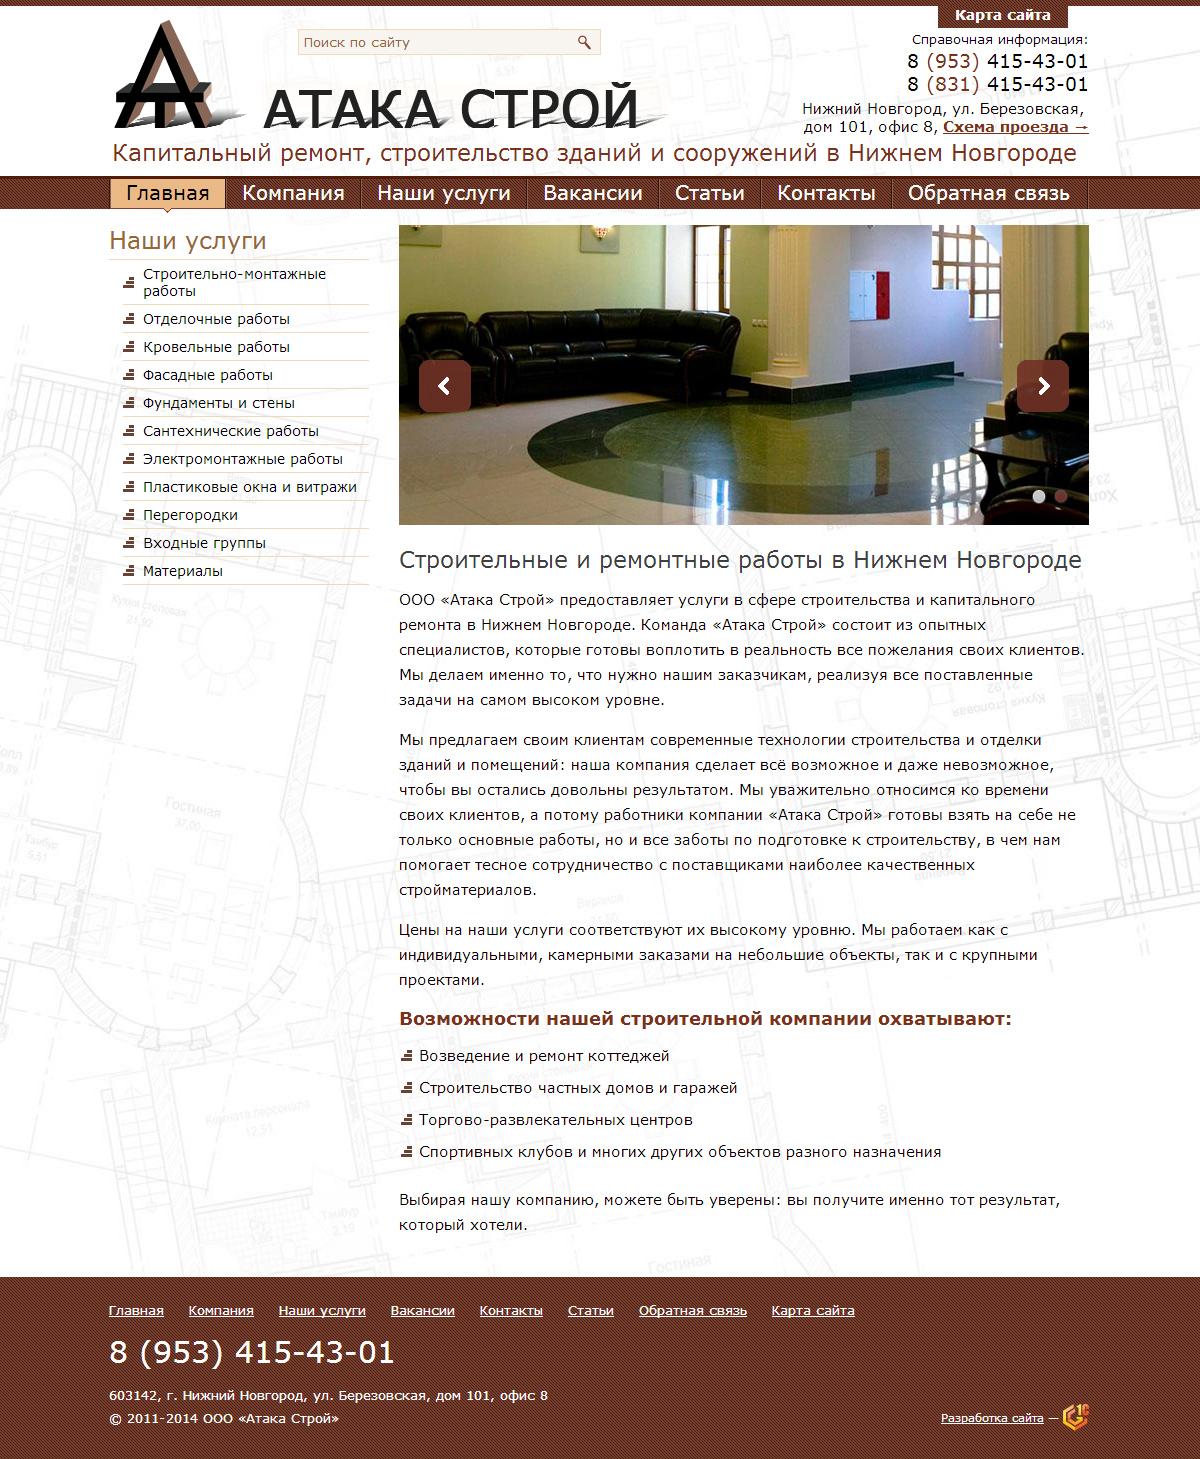 Корп. сайт строительной компании «Атака Строй»